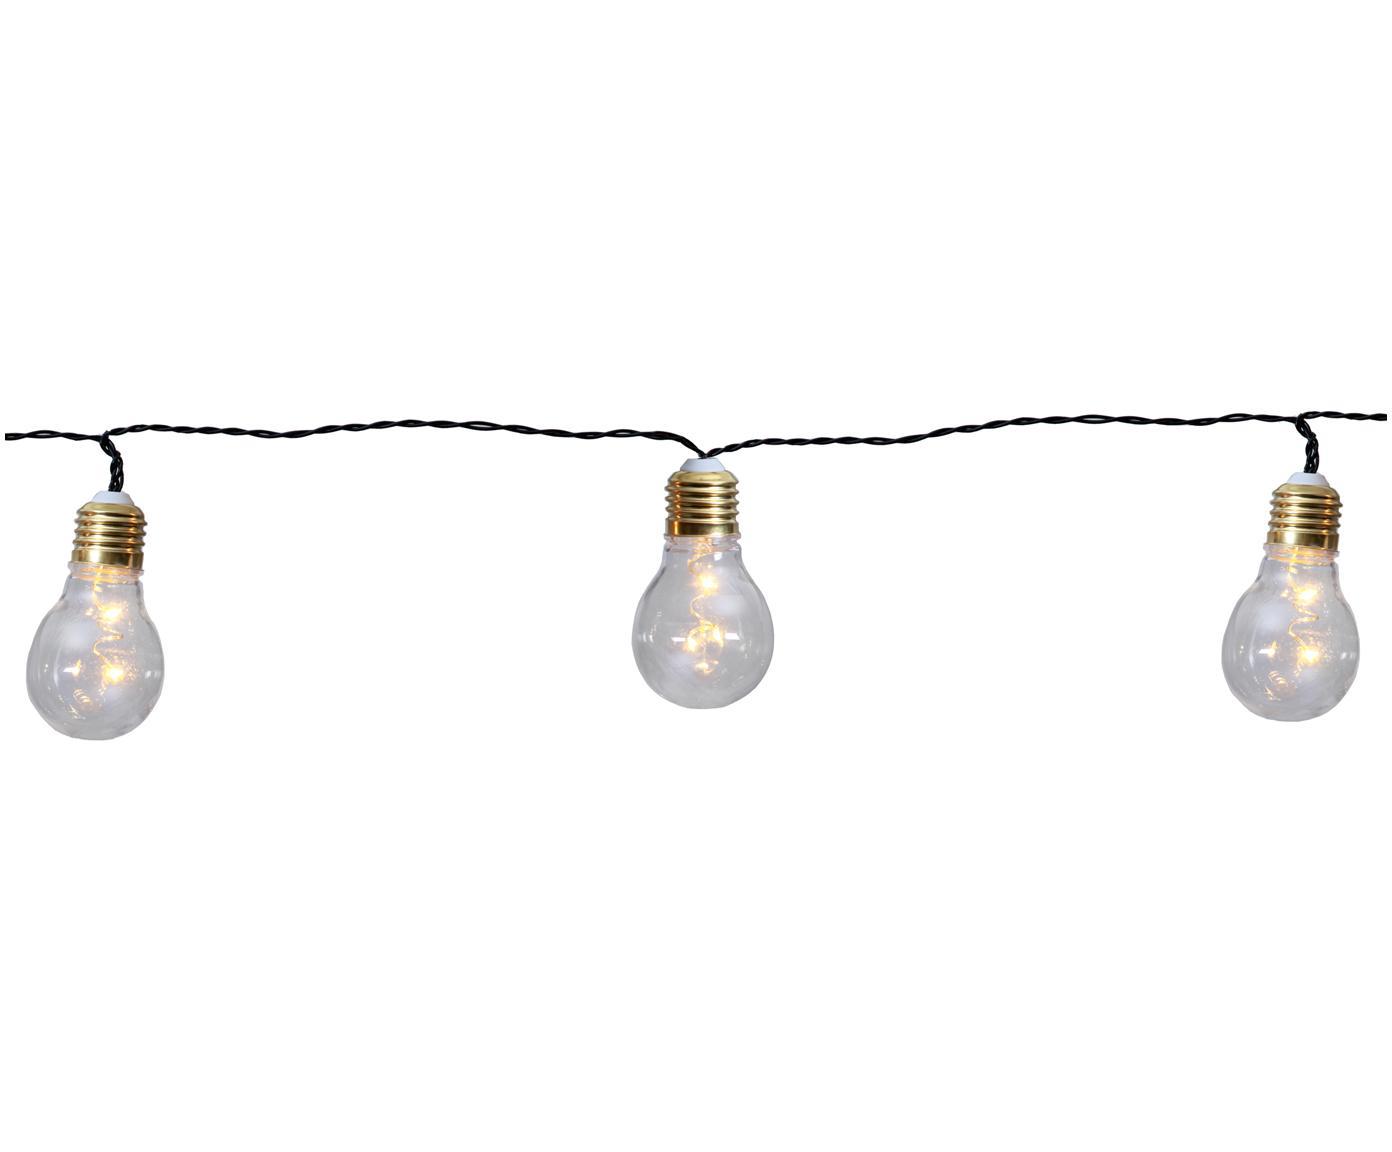 Korte LED lichtslinger Bulb, 100 cm, Peertje: kunststof, metaal, Peertje: transparant, goudkleuri. Snoer: zwart, L 100 cm